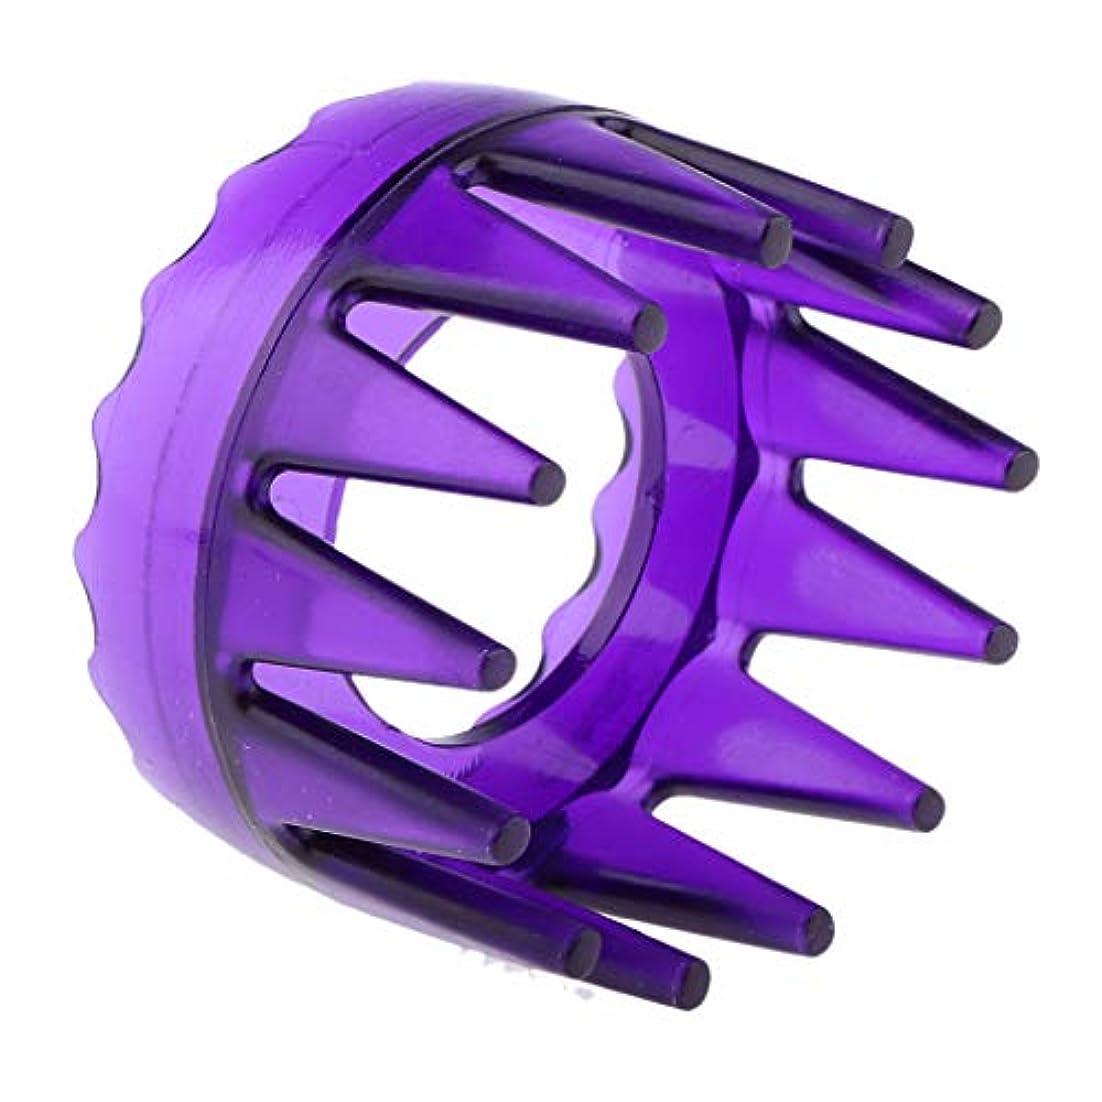 レモンふつう過剰頭皮マッサージ シャワー シャンプー ヘアブラシ マッサージャー櫛 ユニセックス 4色選べ - 紫